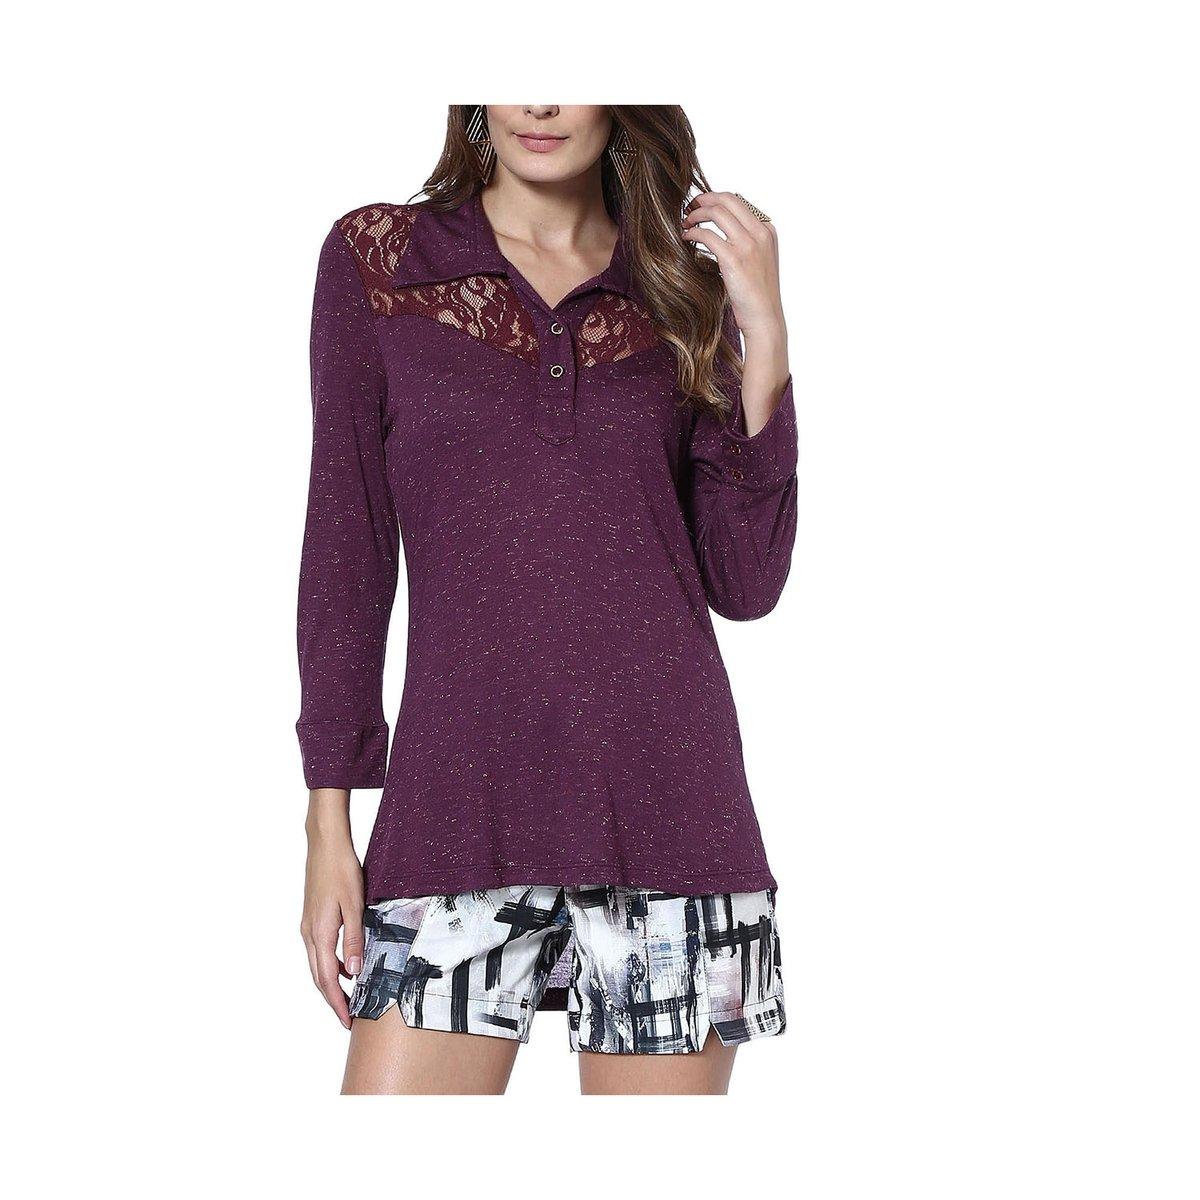 Blusa Moché gola camisa - Compre Agora  acbf3af9e26